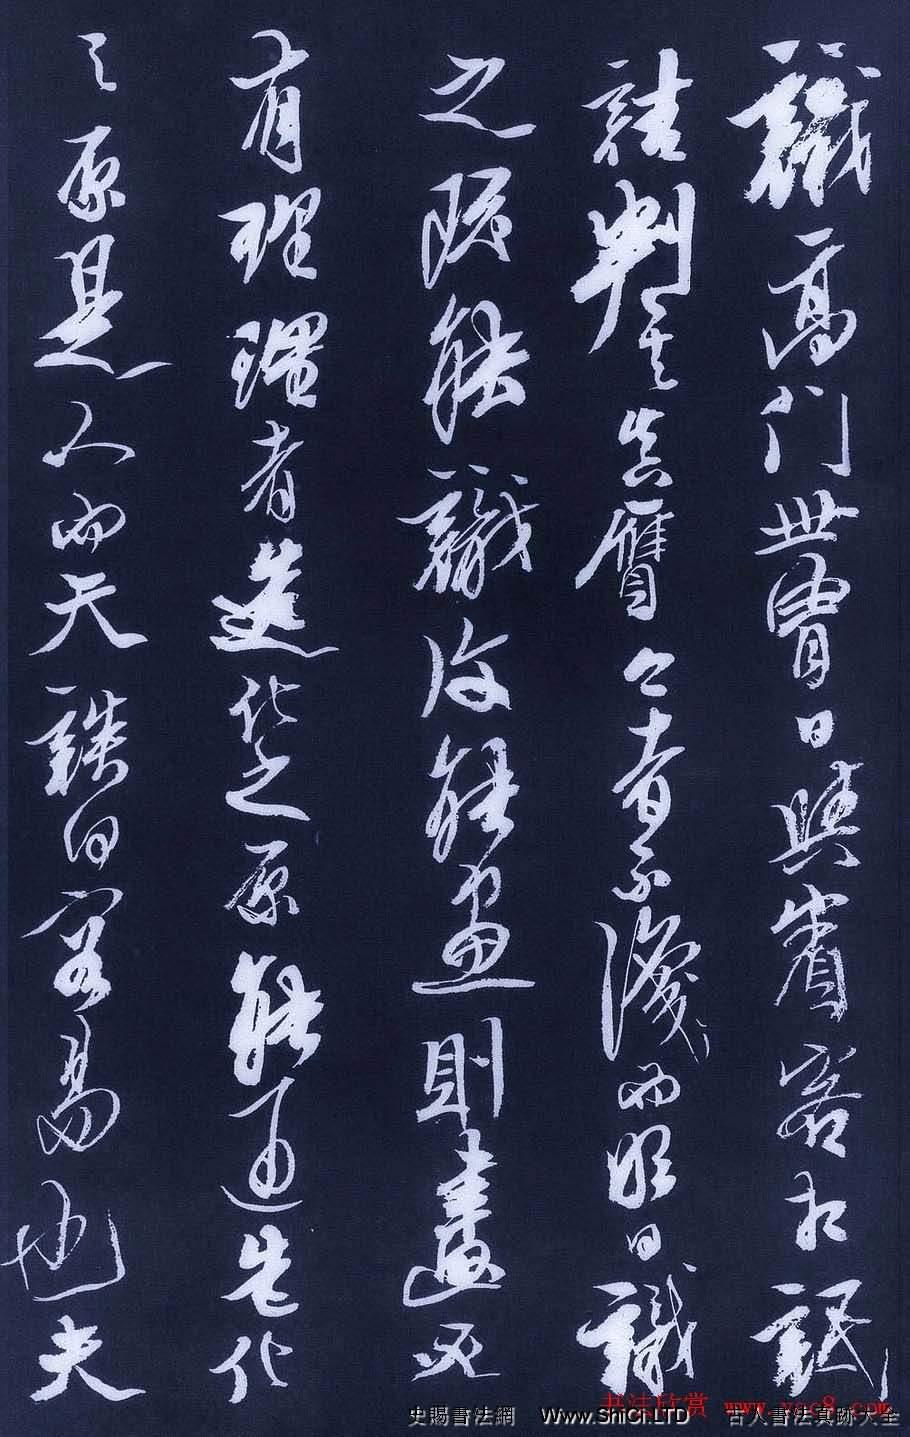 清初著名書畫家龔賢行草書作品真跡欣賞(共3張圖片)